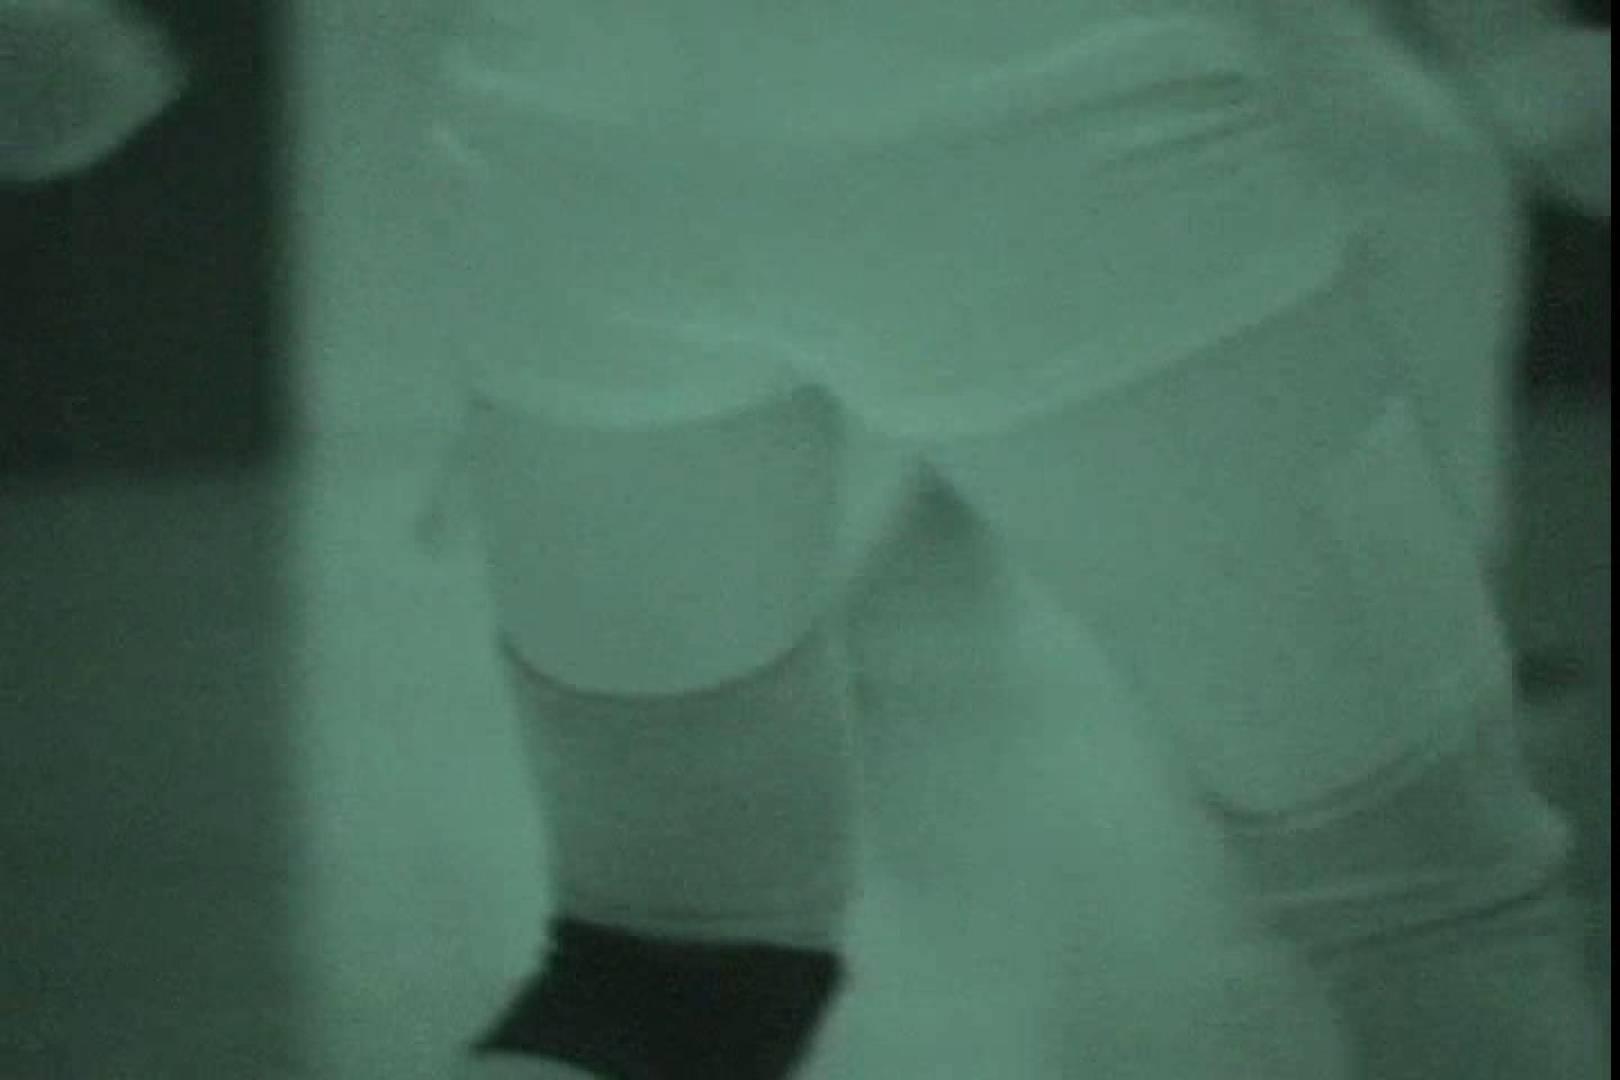 赤外線ムレスケバレー(汗) vol.14 OLのエロ生活 オマンコ動画キャプチャ 82連発 41